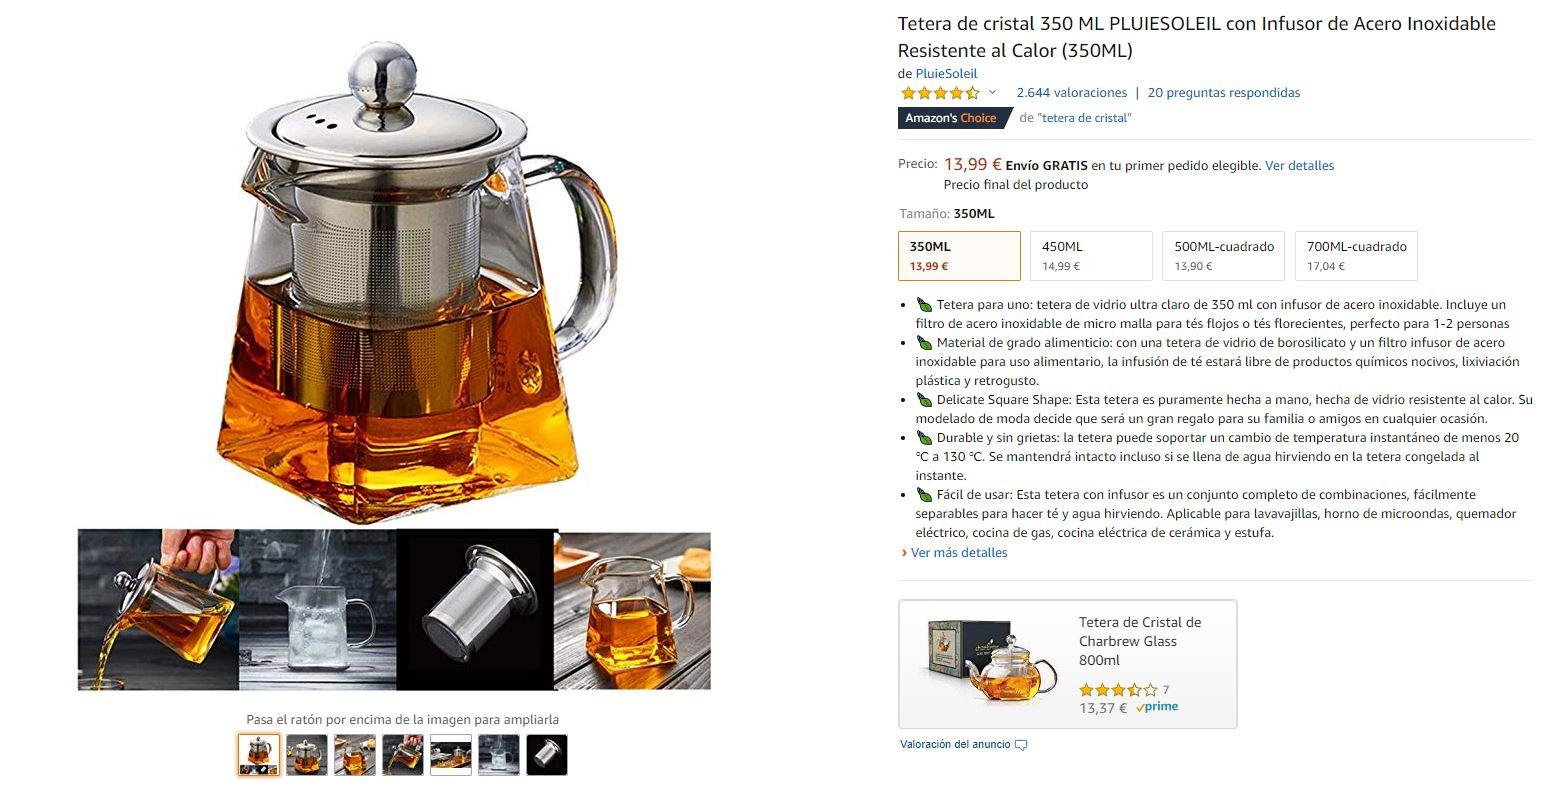 Ficha de producto en Amazon